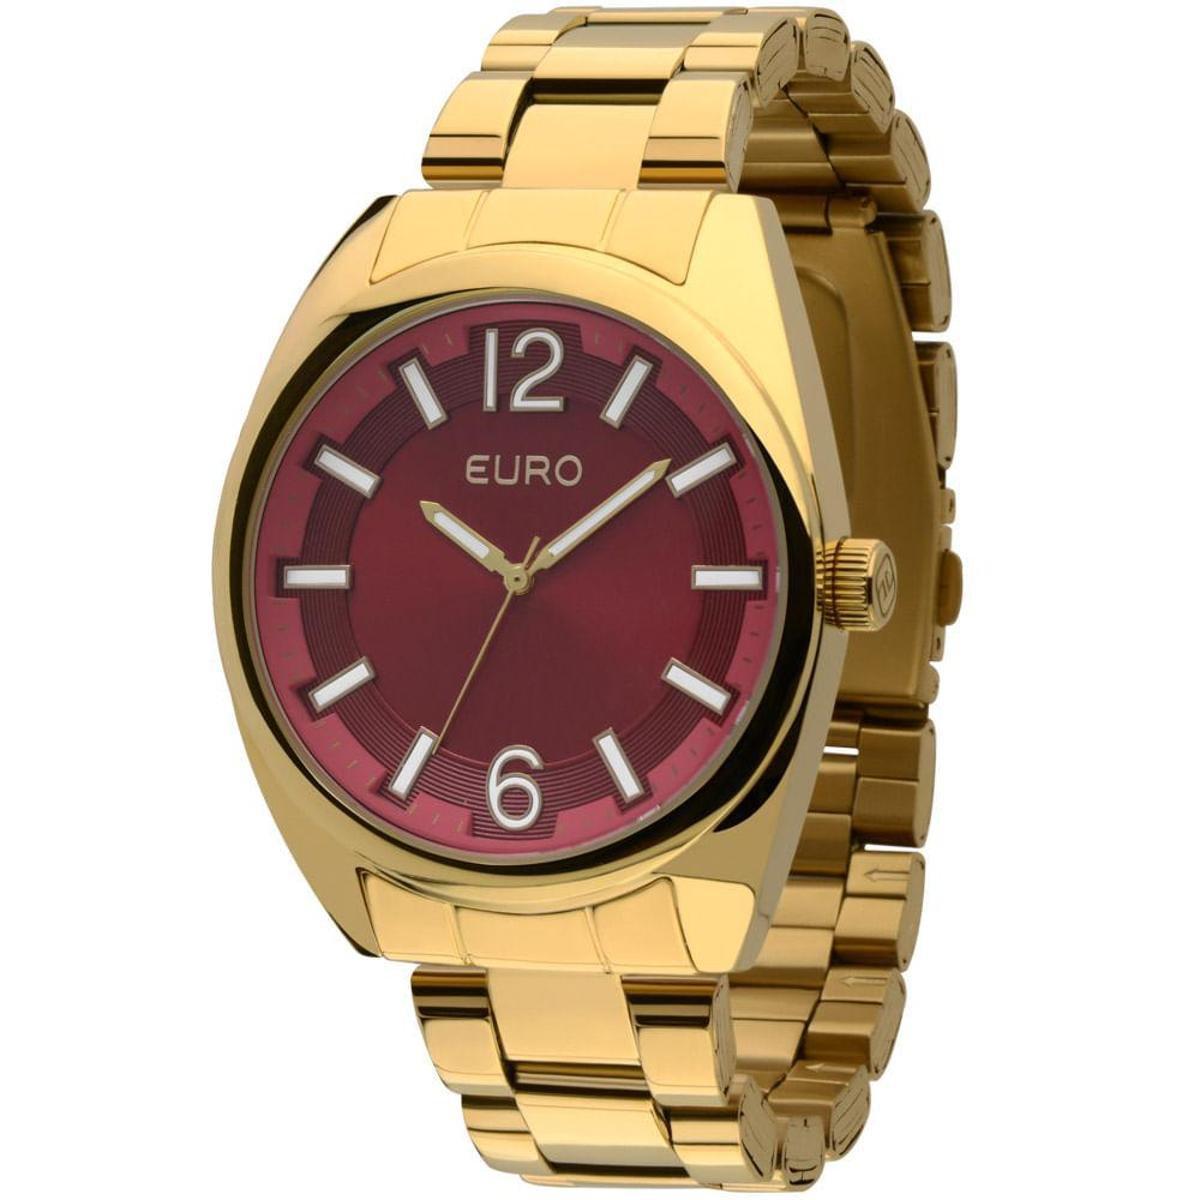 a05d55483d7 Relógio Euro Feminino Colors EU2035XZJ 4R- Vinho EU2035XZJ 4R ...